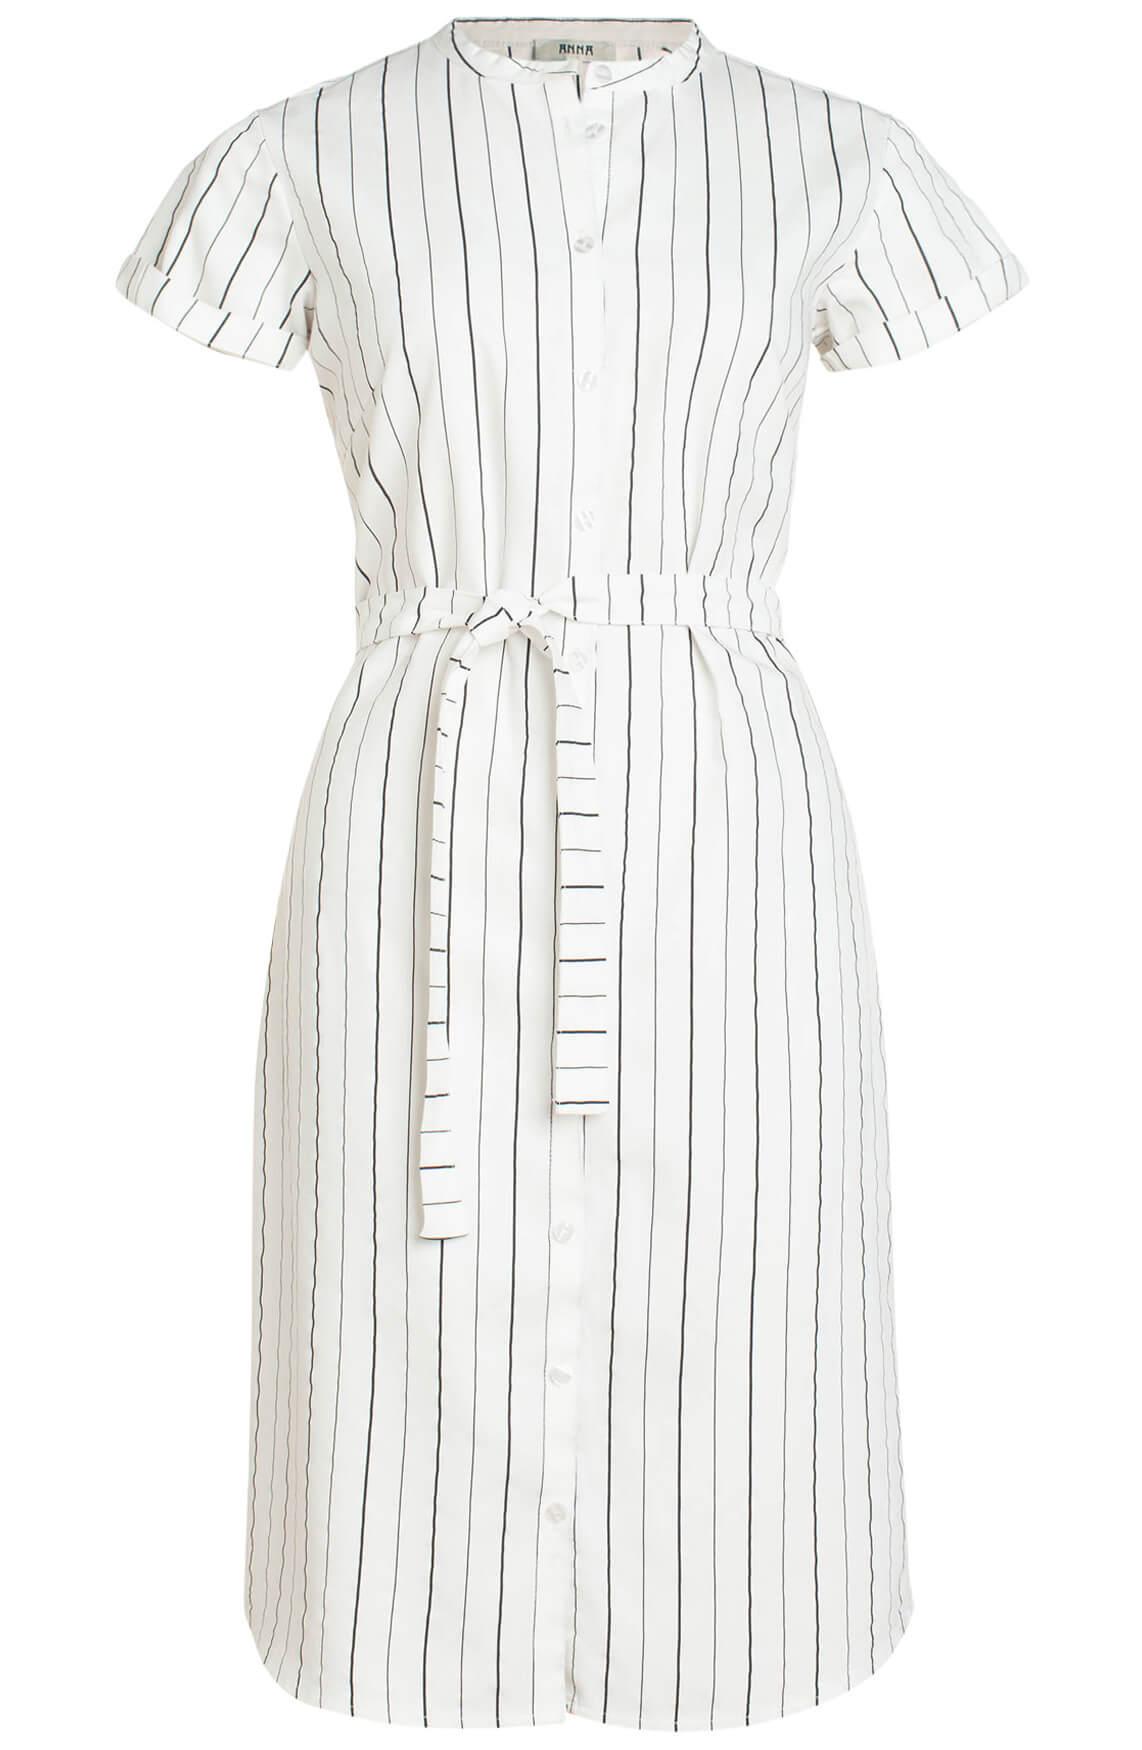 Anna Dames Gestreepte jurk met knoopsluiting wit